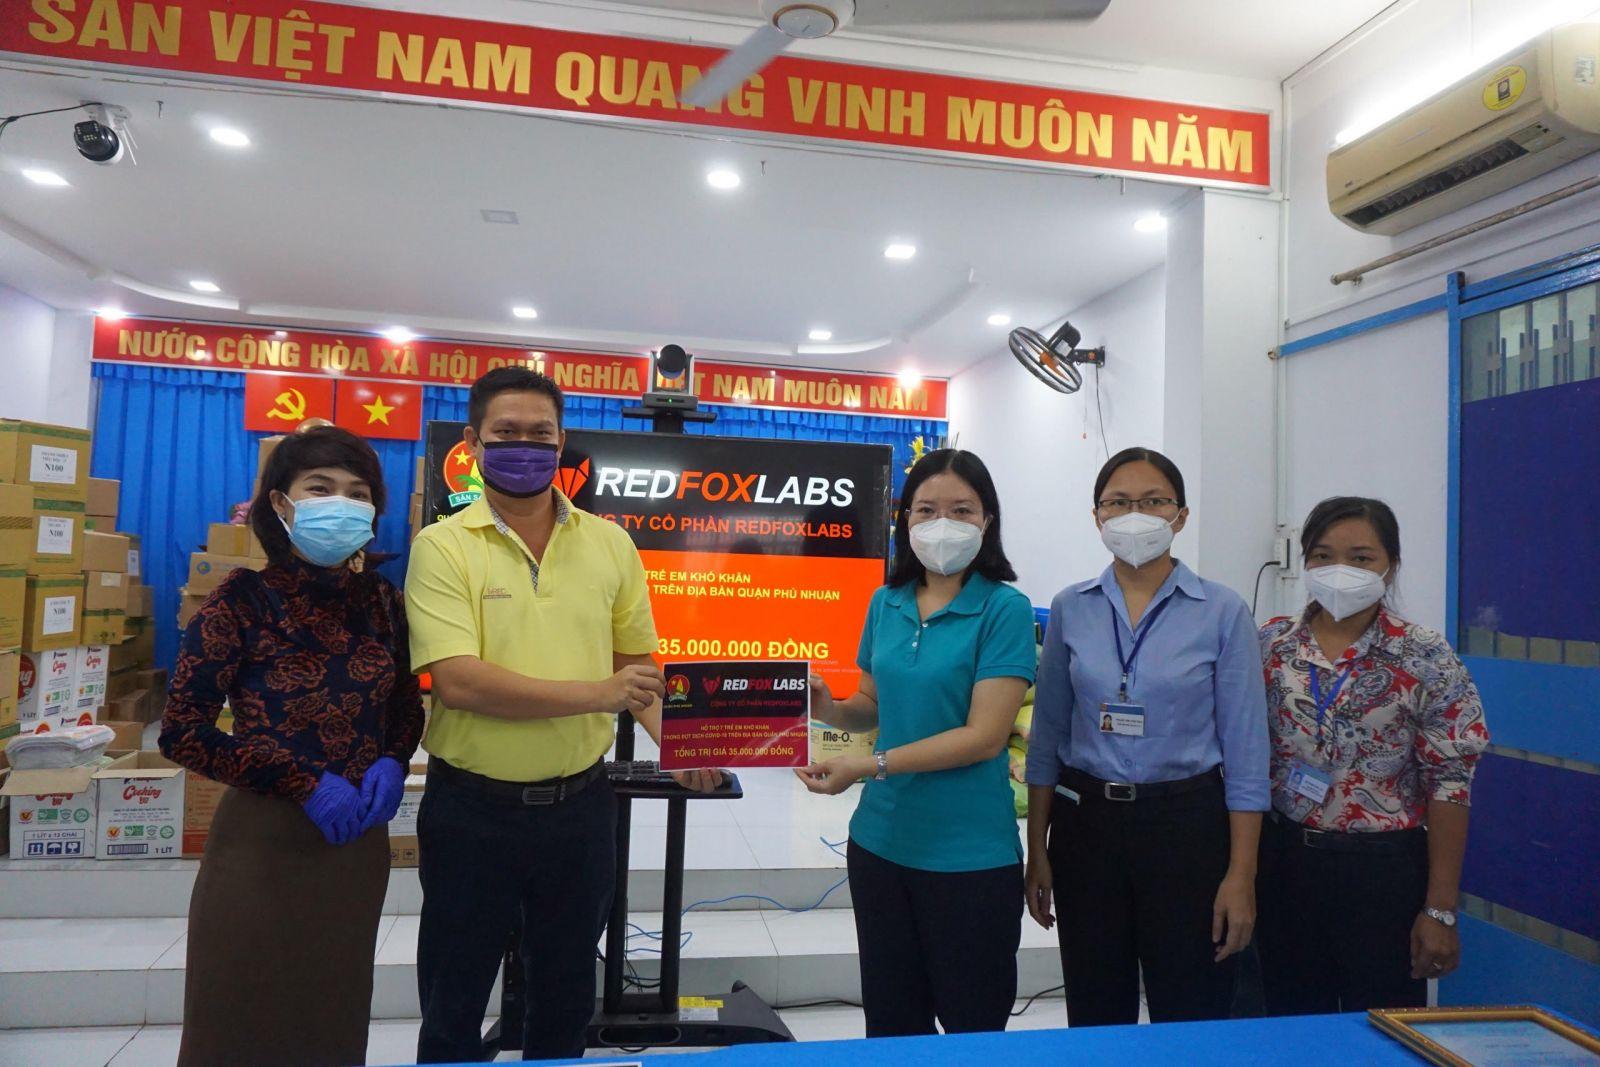 Đại diện Nhà tài trợ trao quà hỗ trợ 7 trẻ em mồ côi cha hoặc mẹ vì COVID-19 tại Quận Phú Nhận, TP.HCM